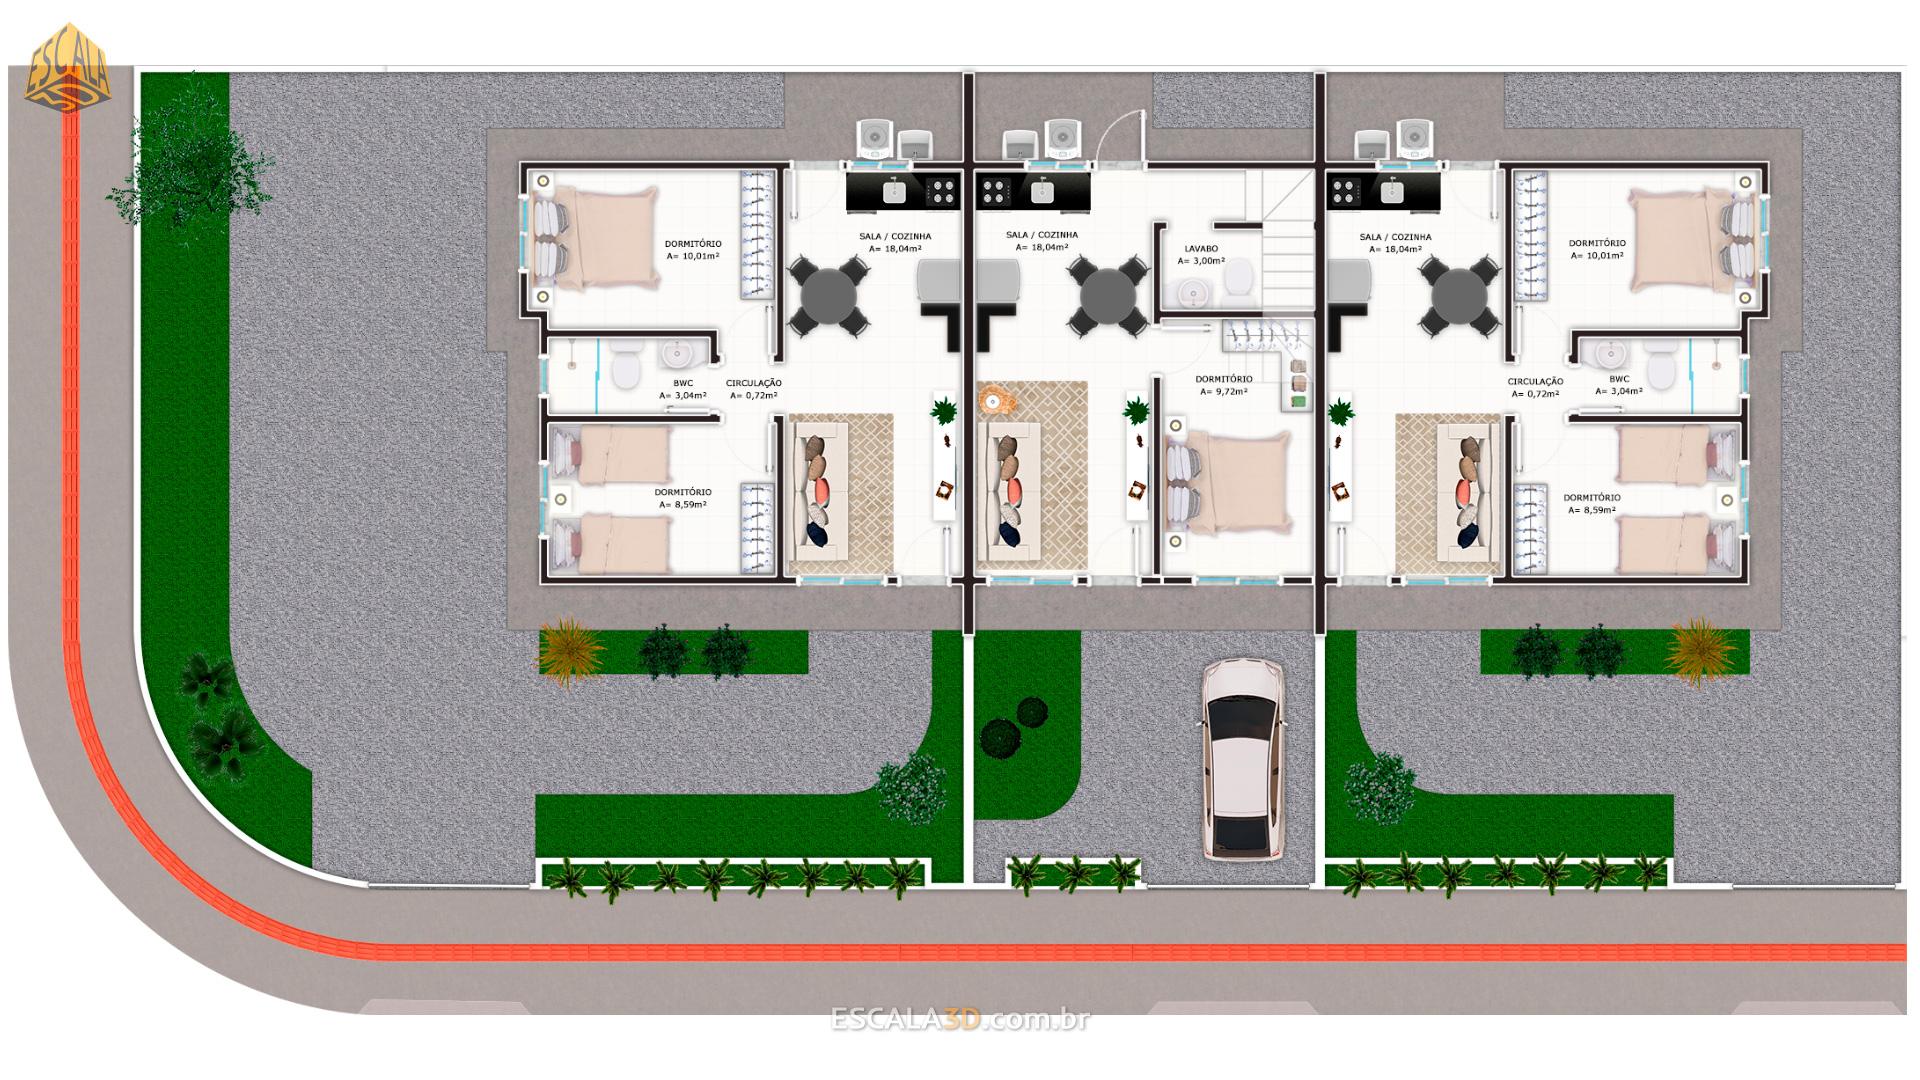 3 Casas de Esquina